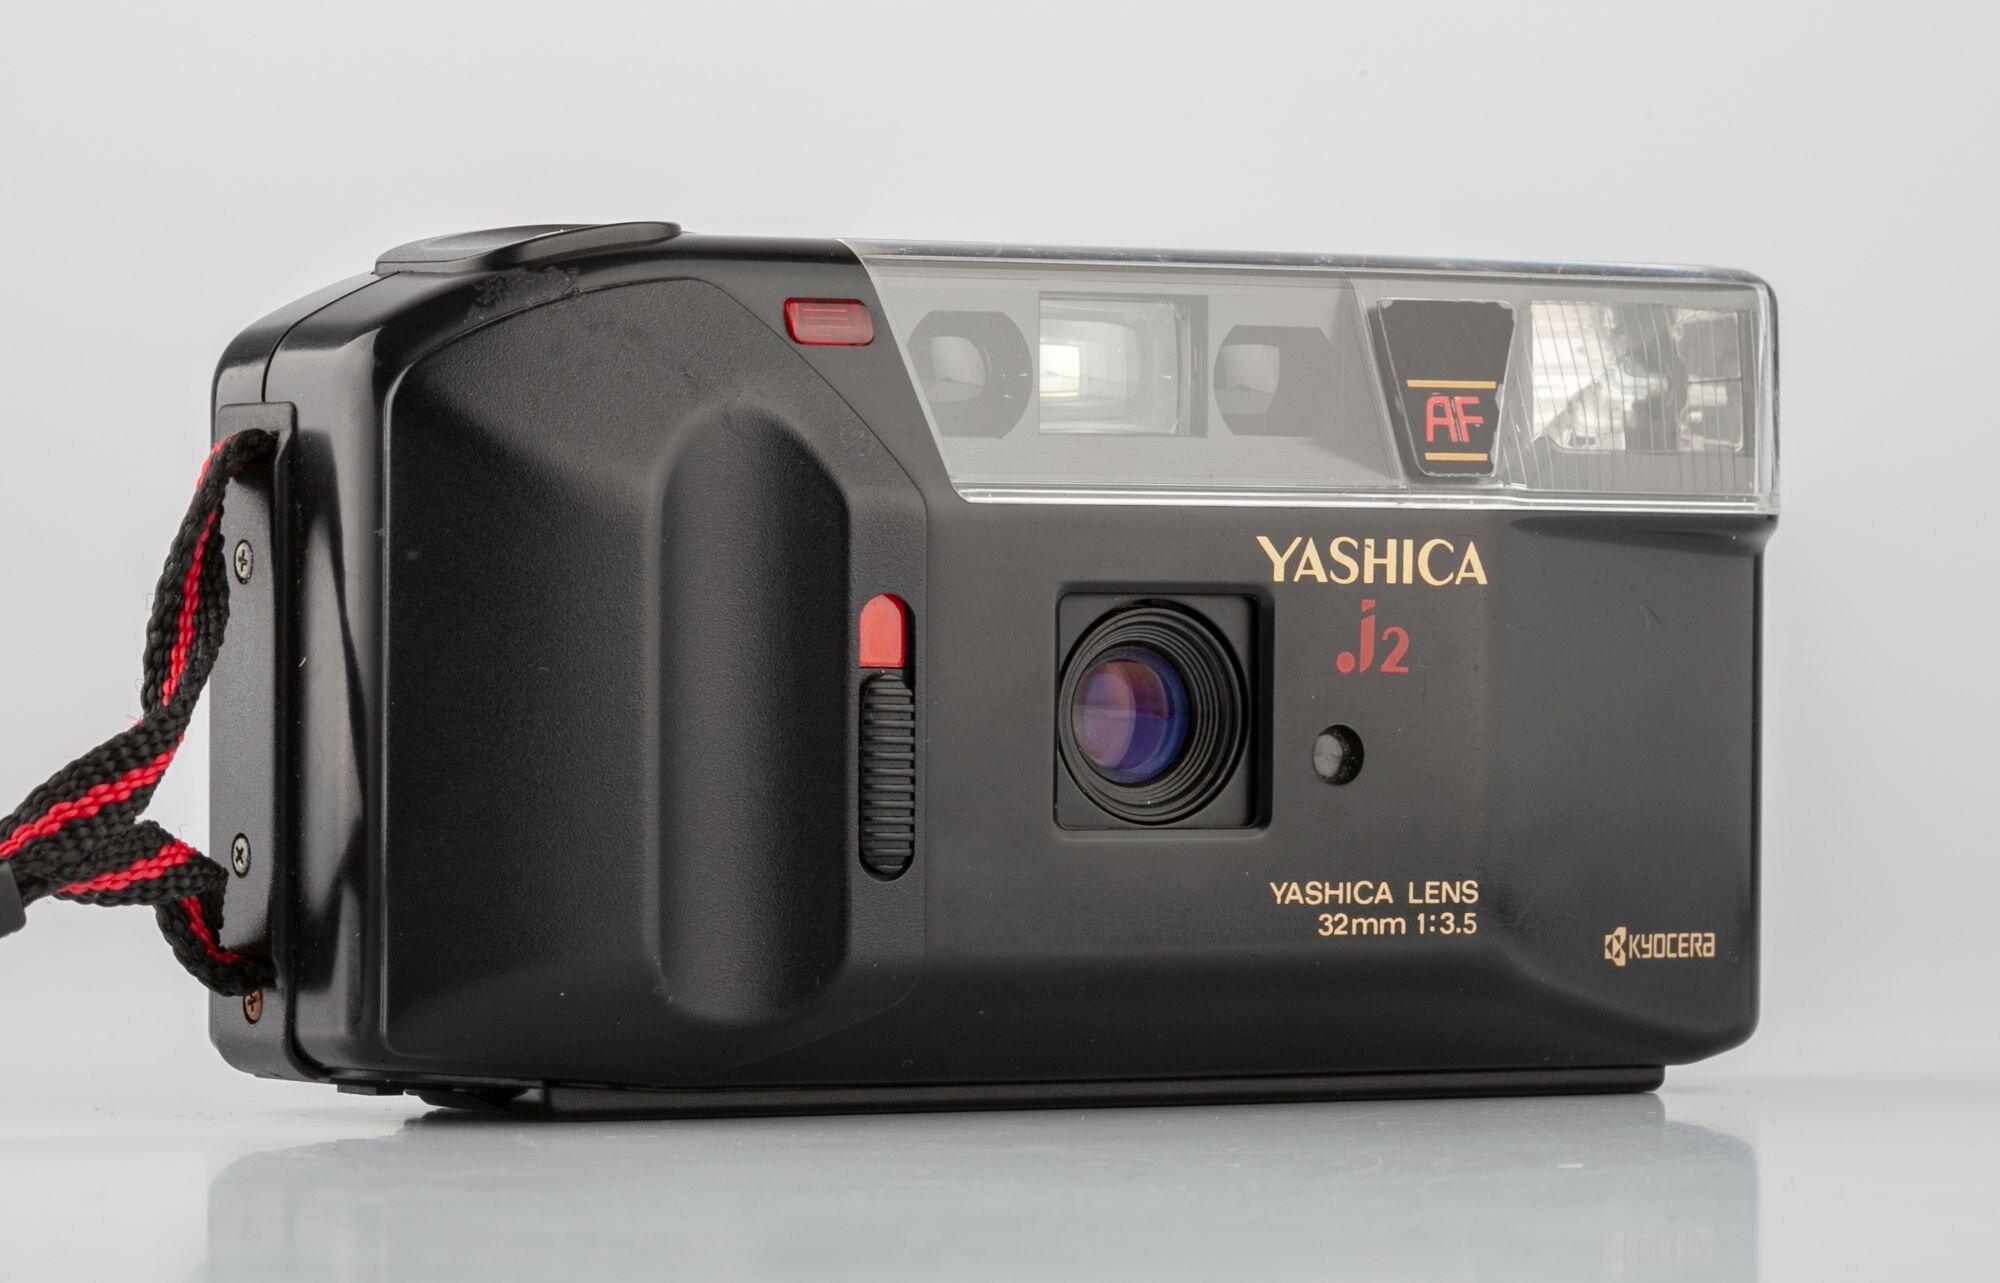 Yashica j2